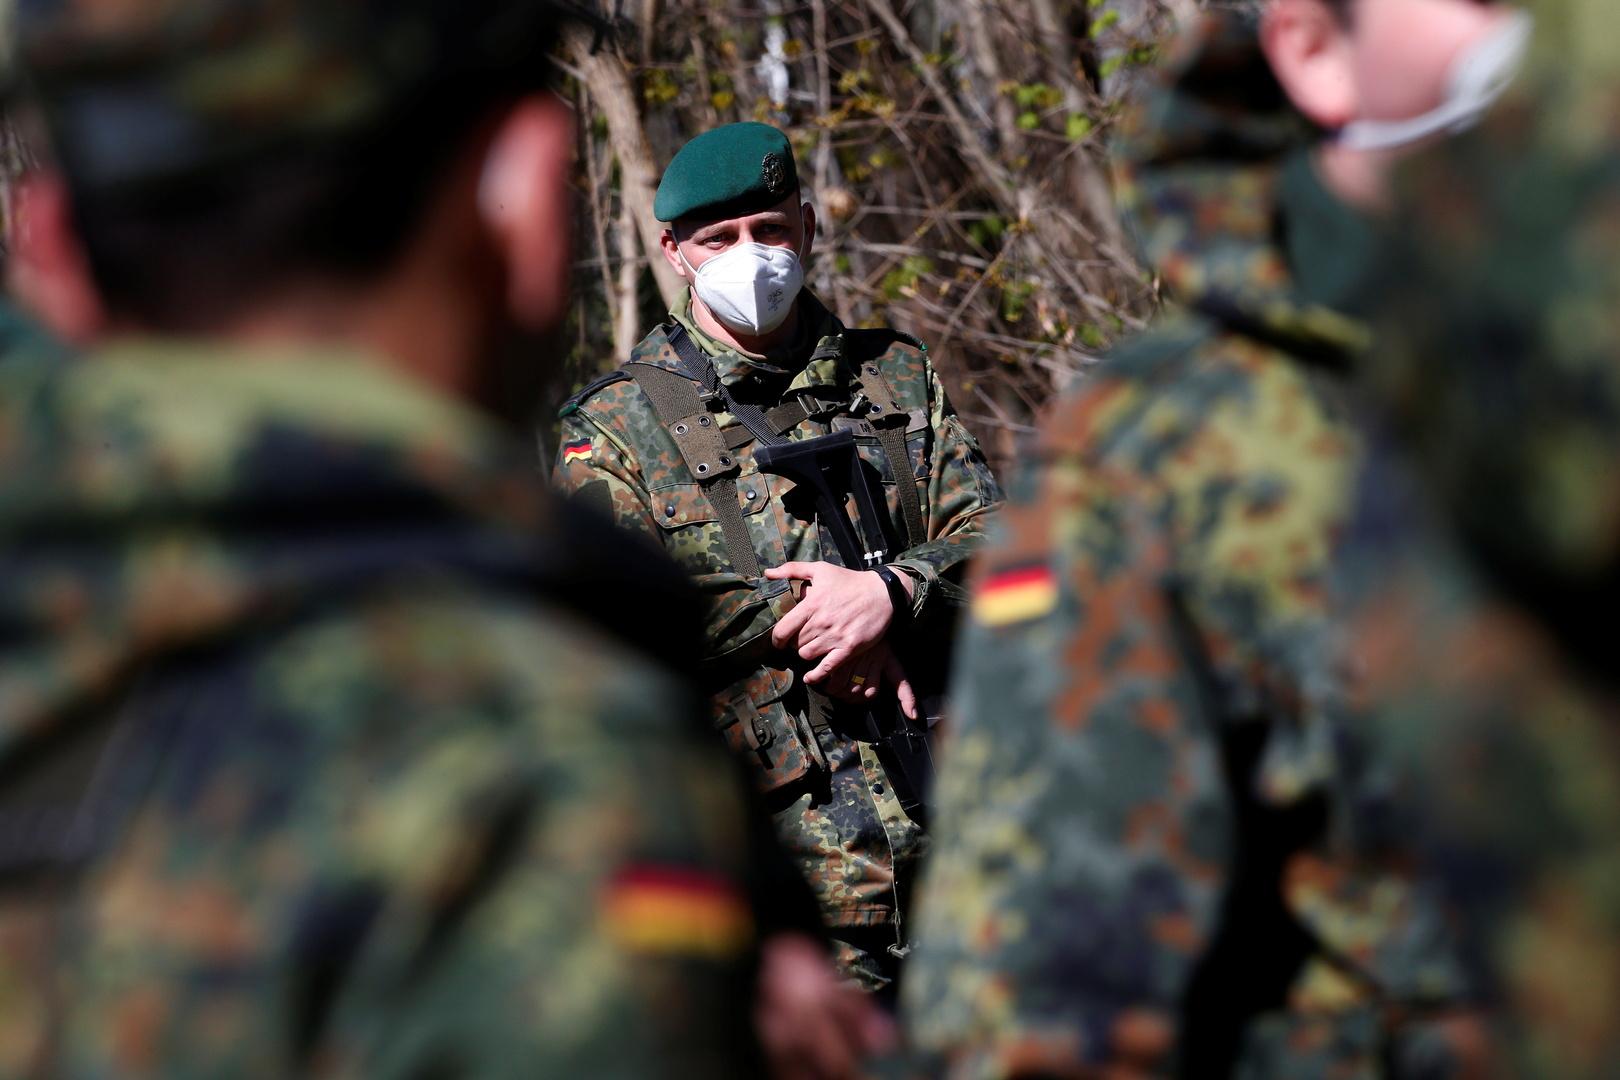 فصل جنود ألمانيين من الخدمة بعد غنائهم